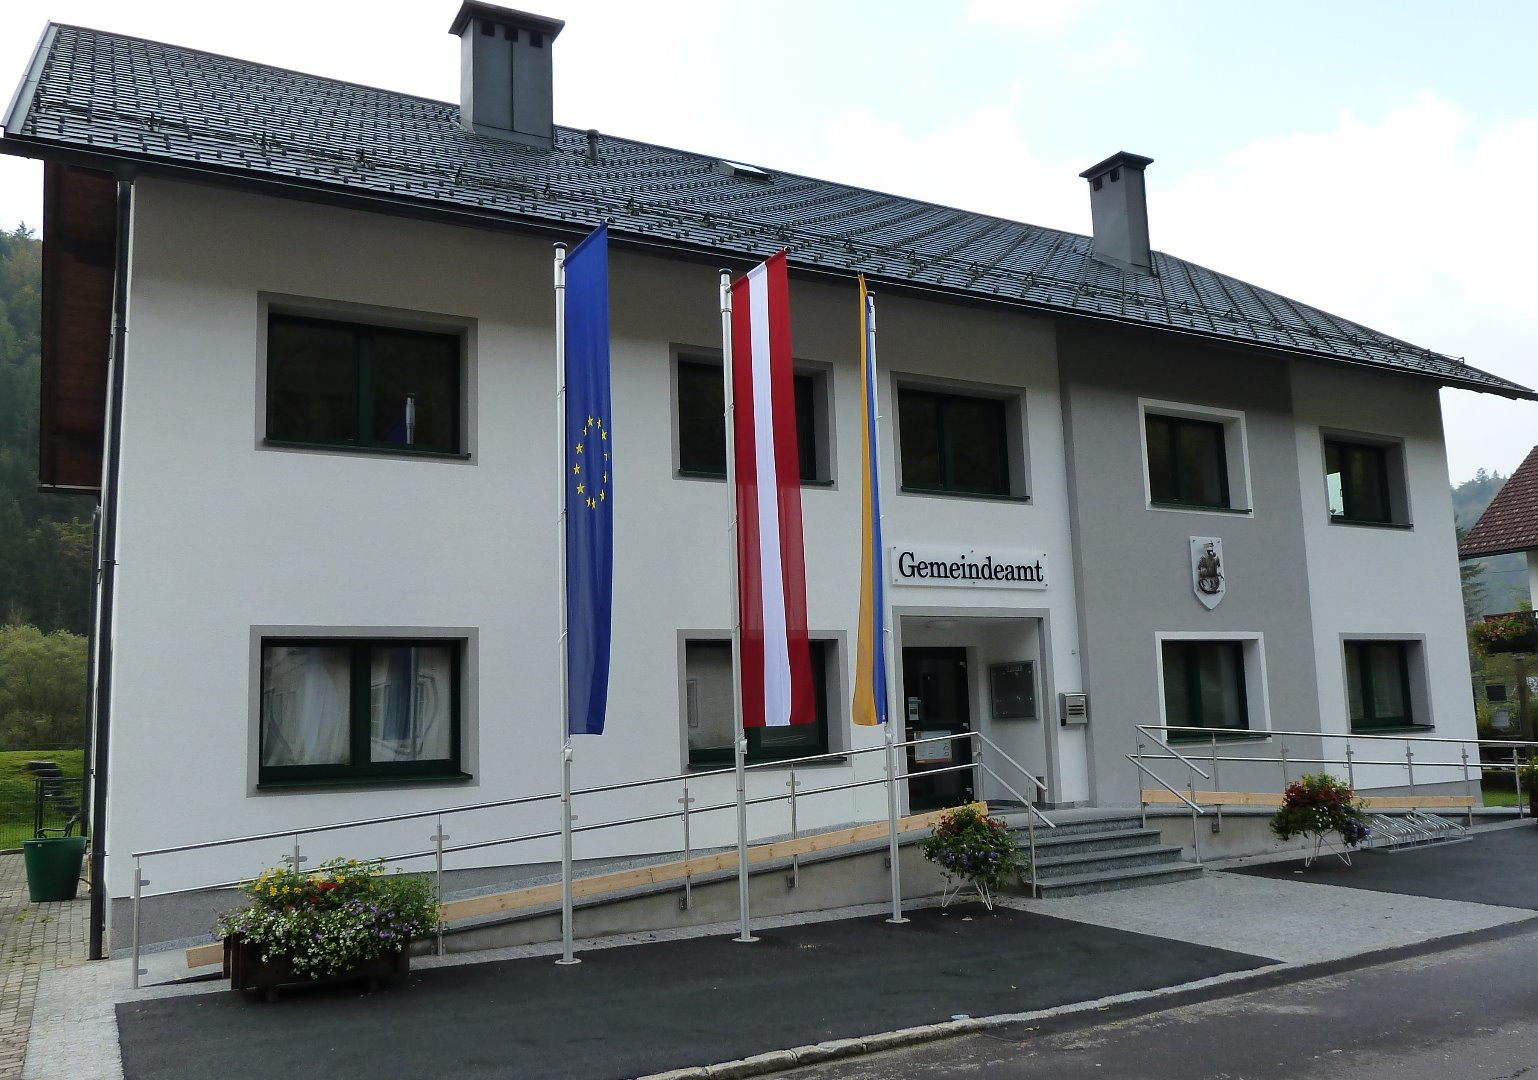 Gemeindeamt bearbeitet.jpg